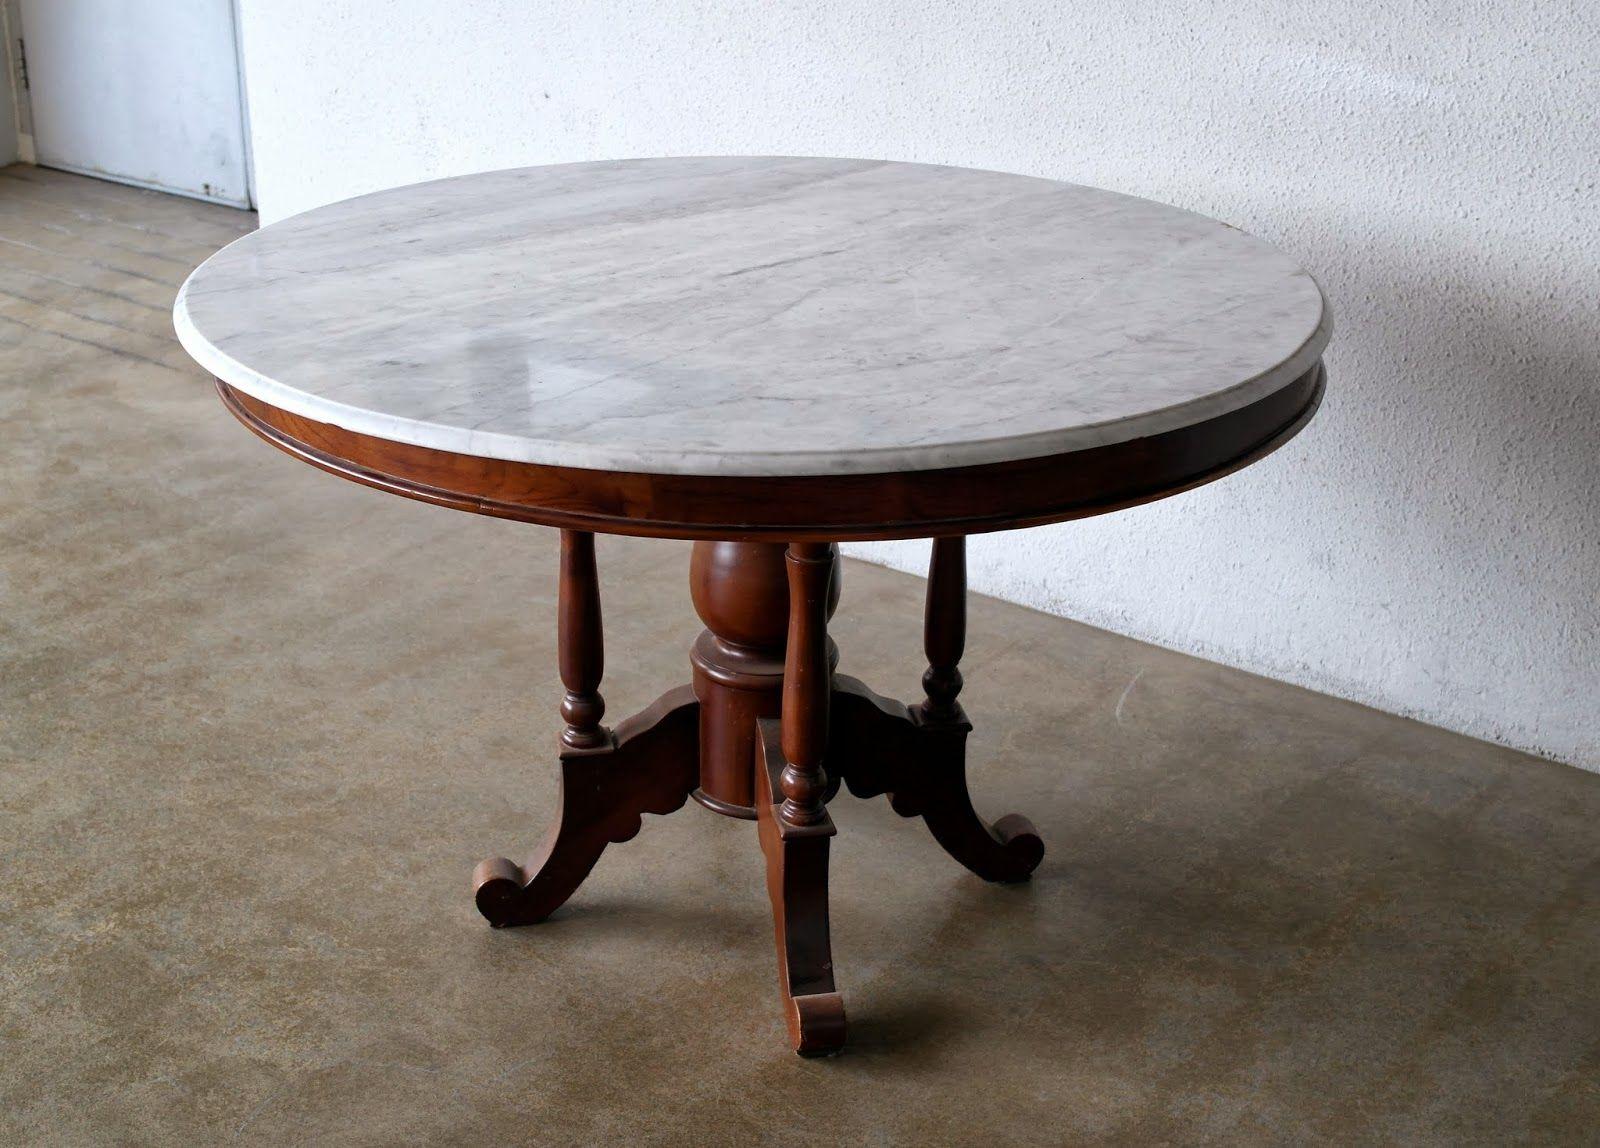 Kopitiam Table 125 Cm Jpg 1600 1148 Dining Table Marble Dining Table Marble Top Dining Table